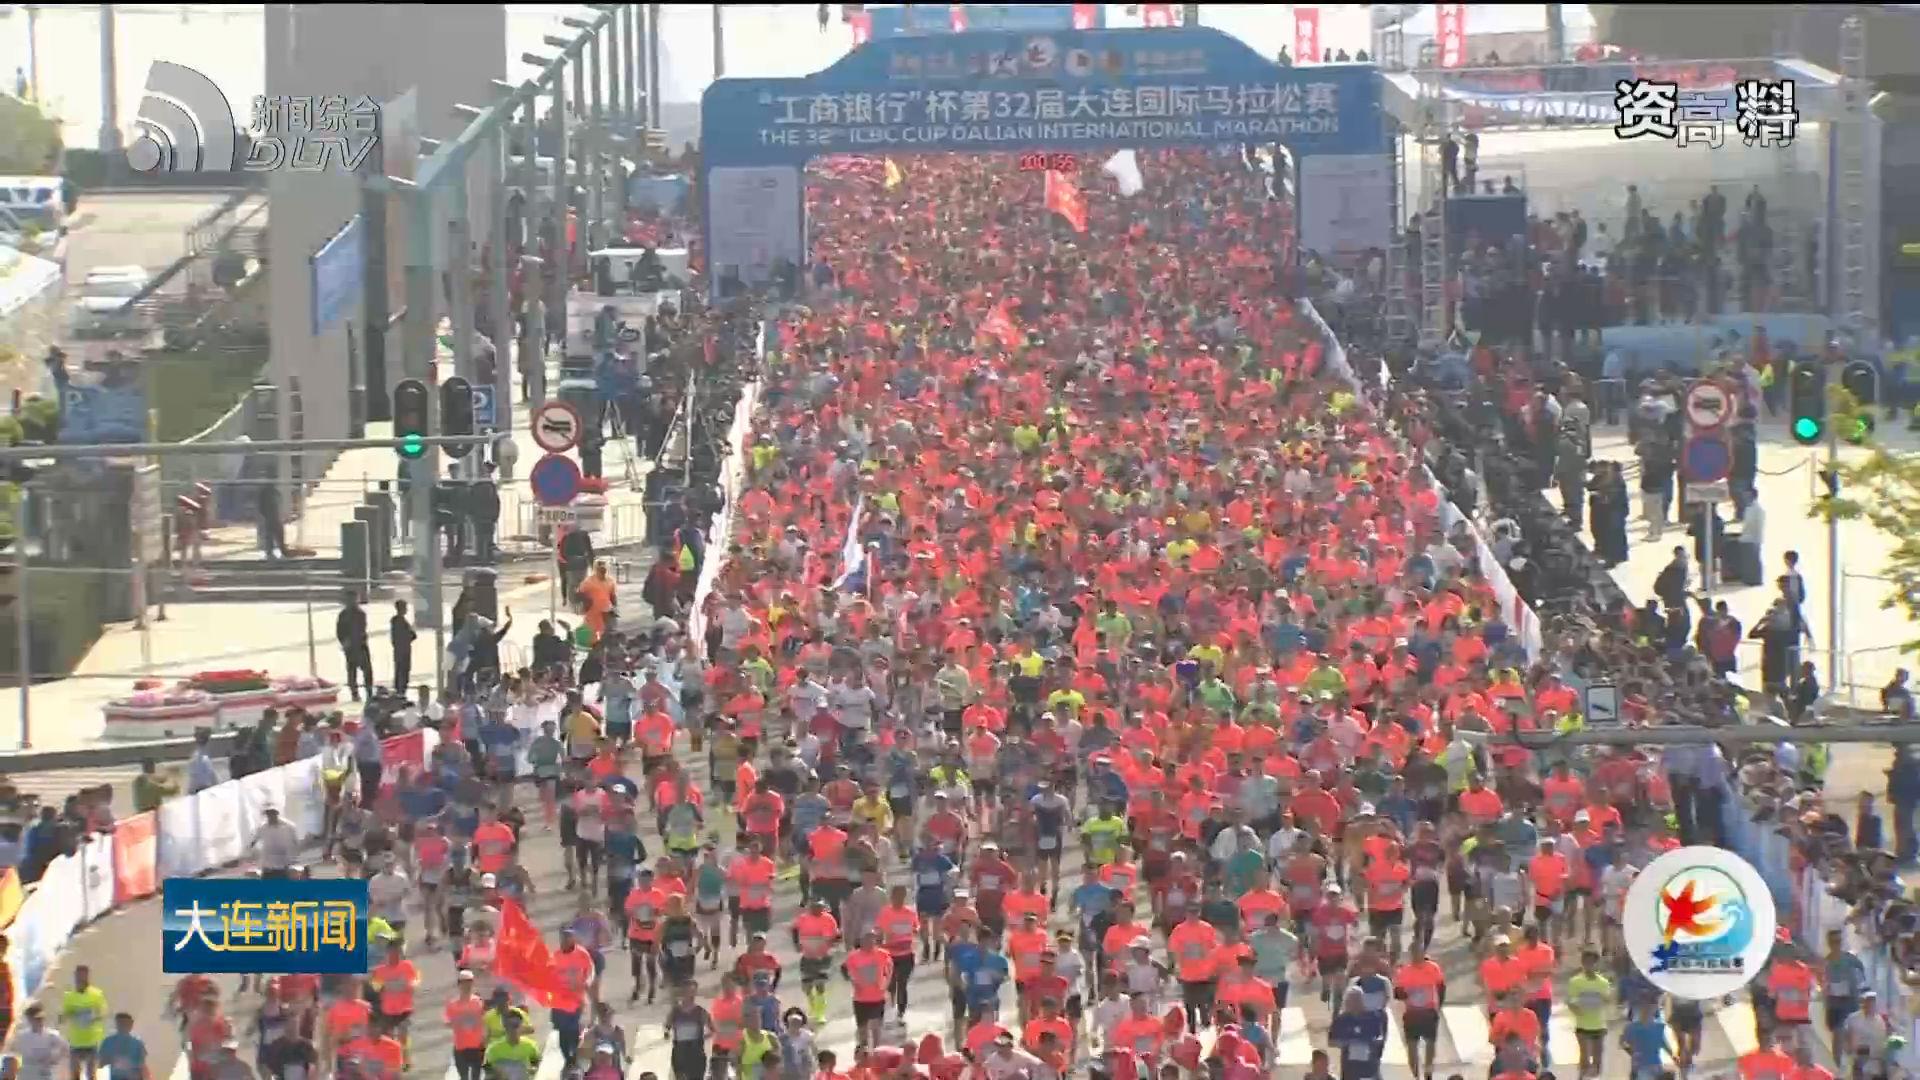 第33屆大連國際馬拉松比賽路線發布